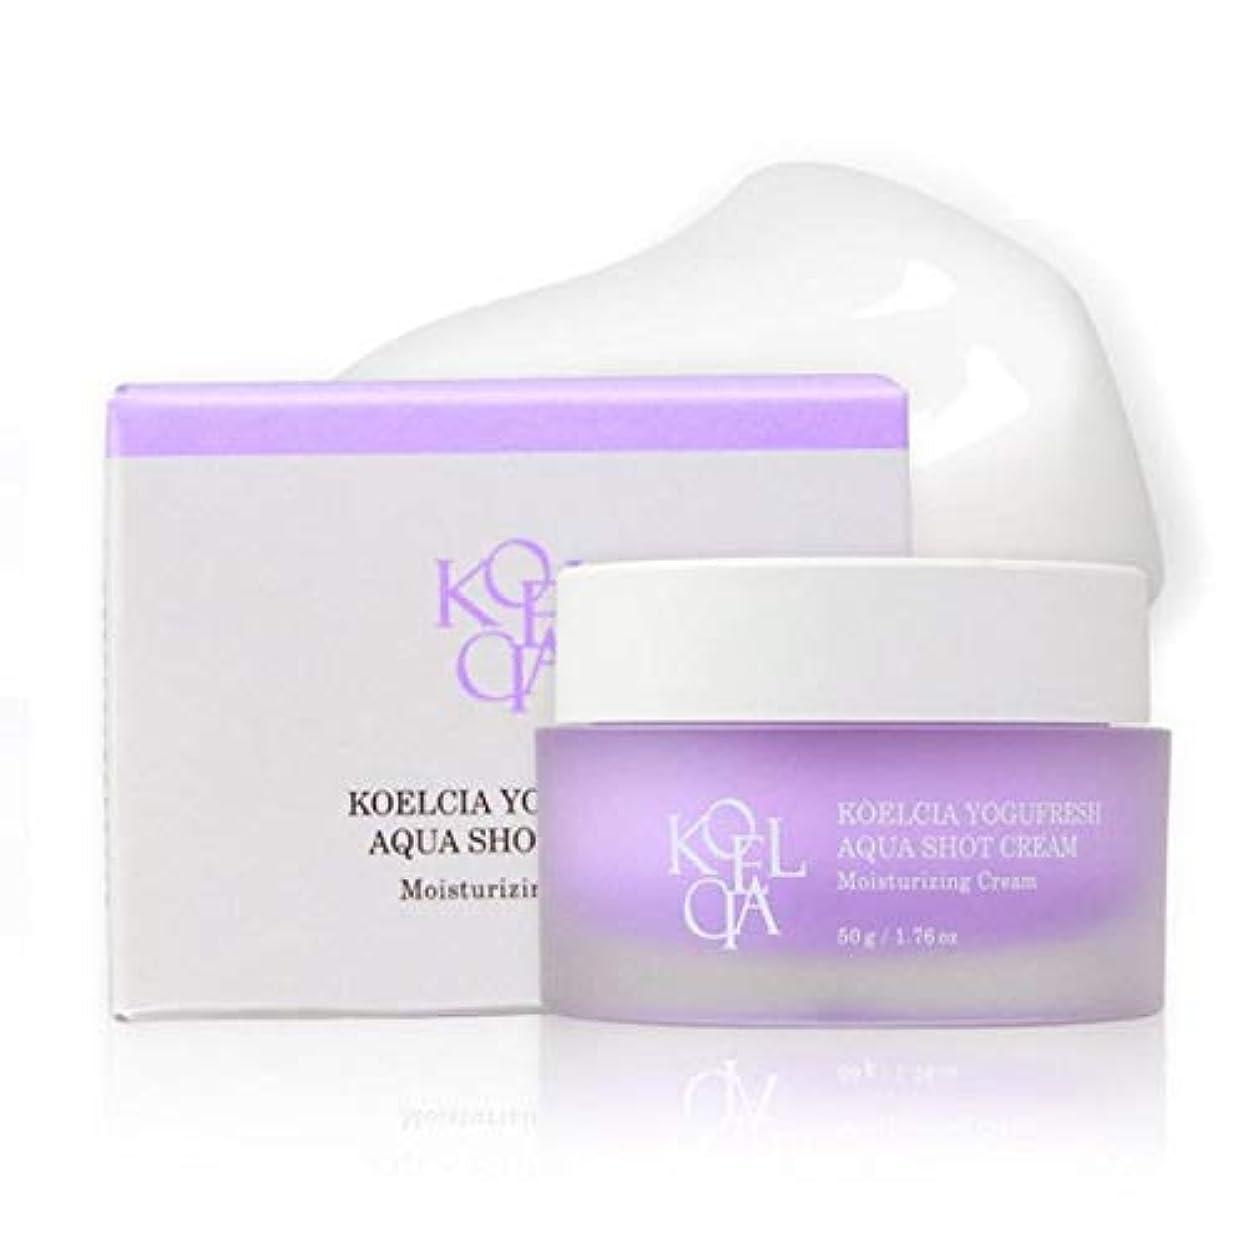 版クリスマス慣らすKOELCIA YOGUFRESH AQUA SHOT CREAM 50g/Hot K-Beauty Best Moisture Cream/Korea Cosmetics [並行輸入品]